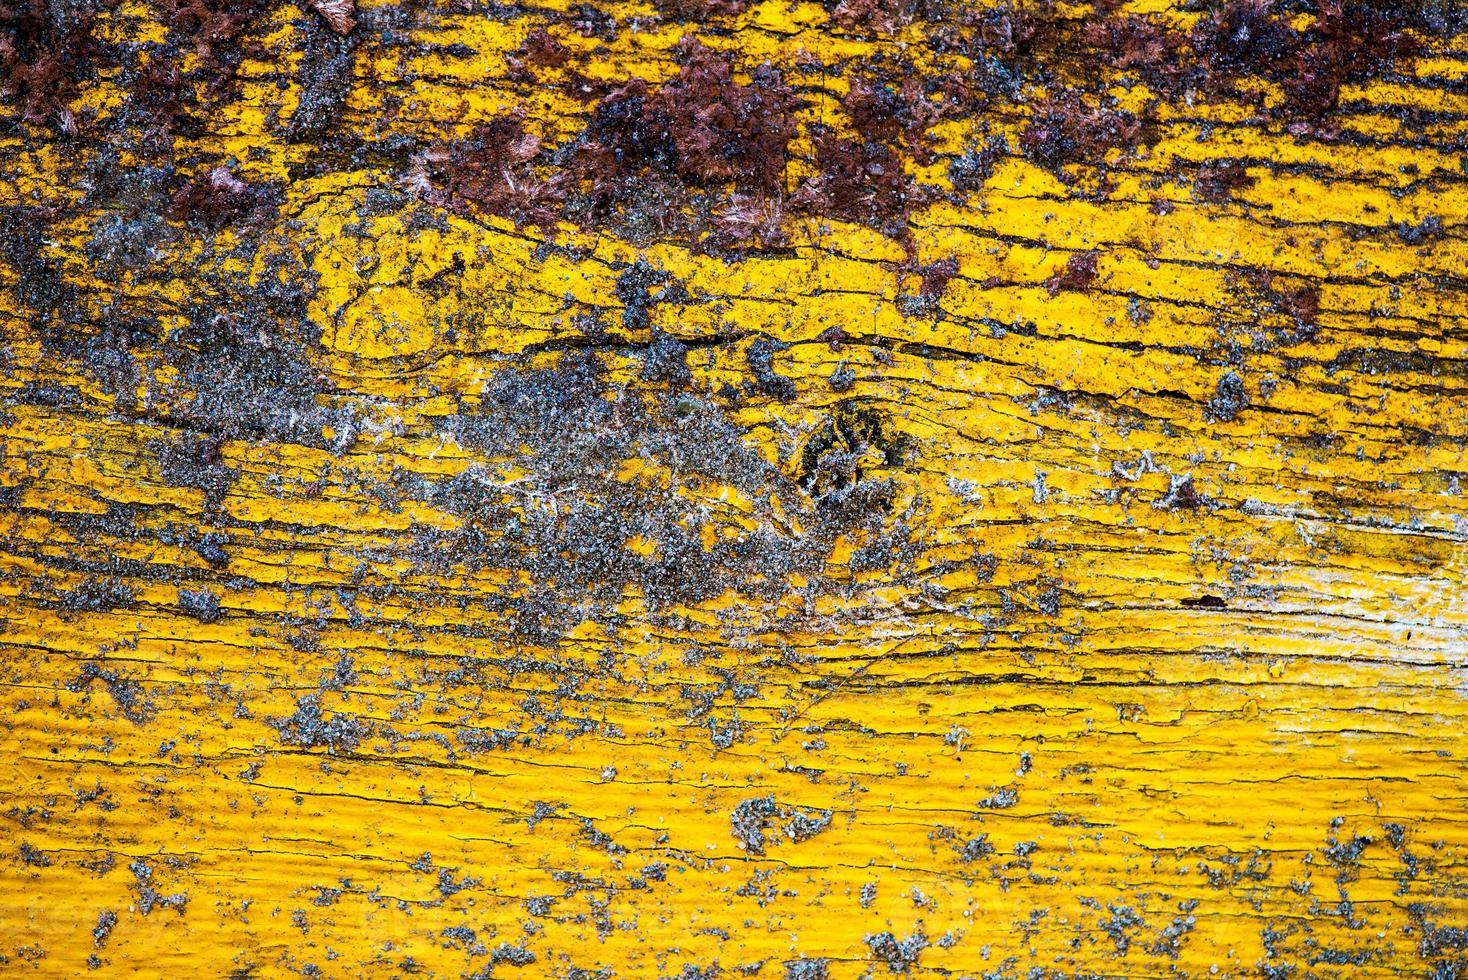 geschilderde oude houten gele muurachtergrond foto